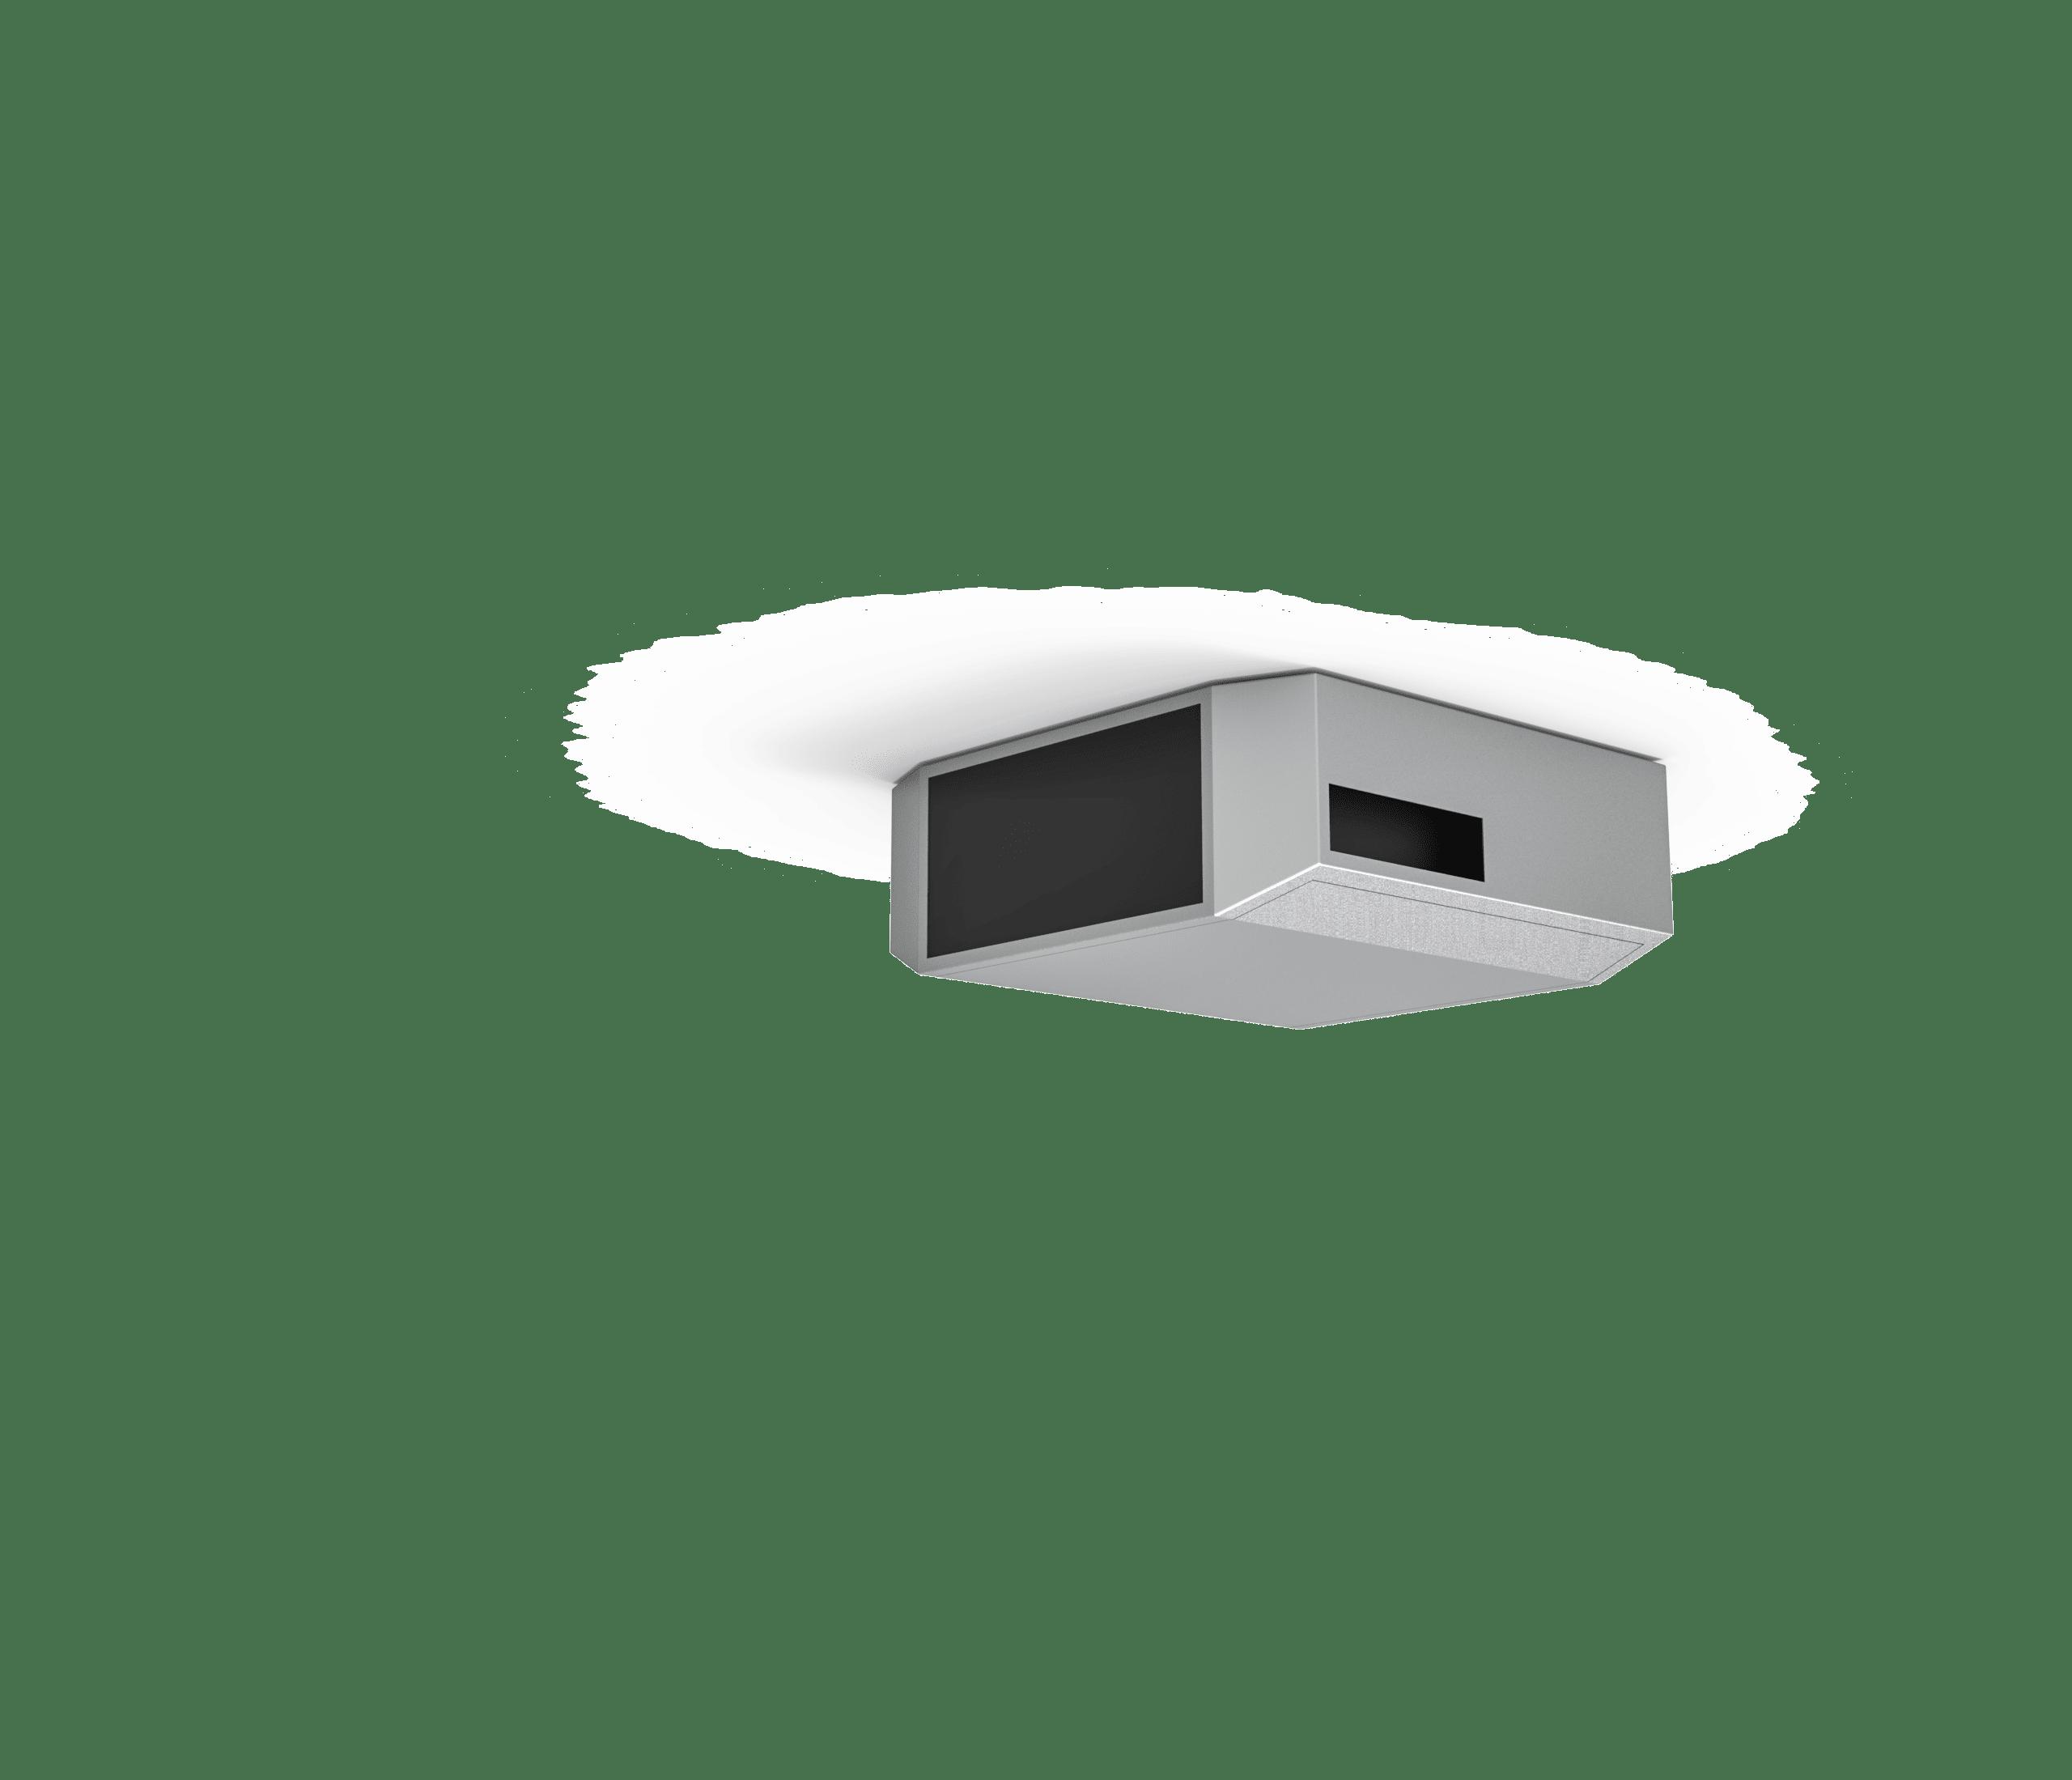 Projektoreinhausung